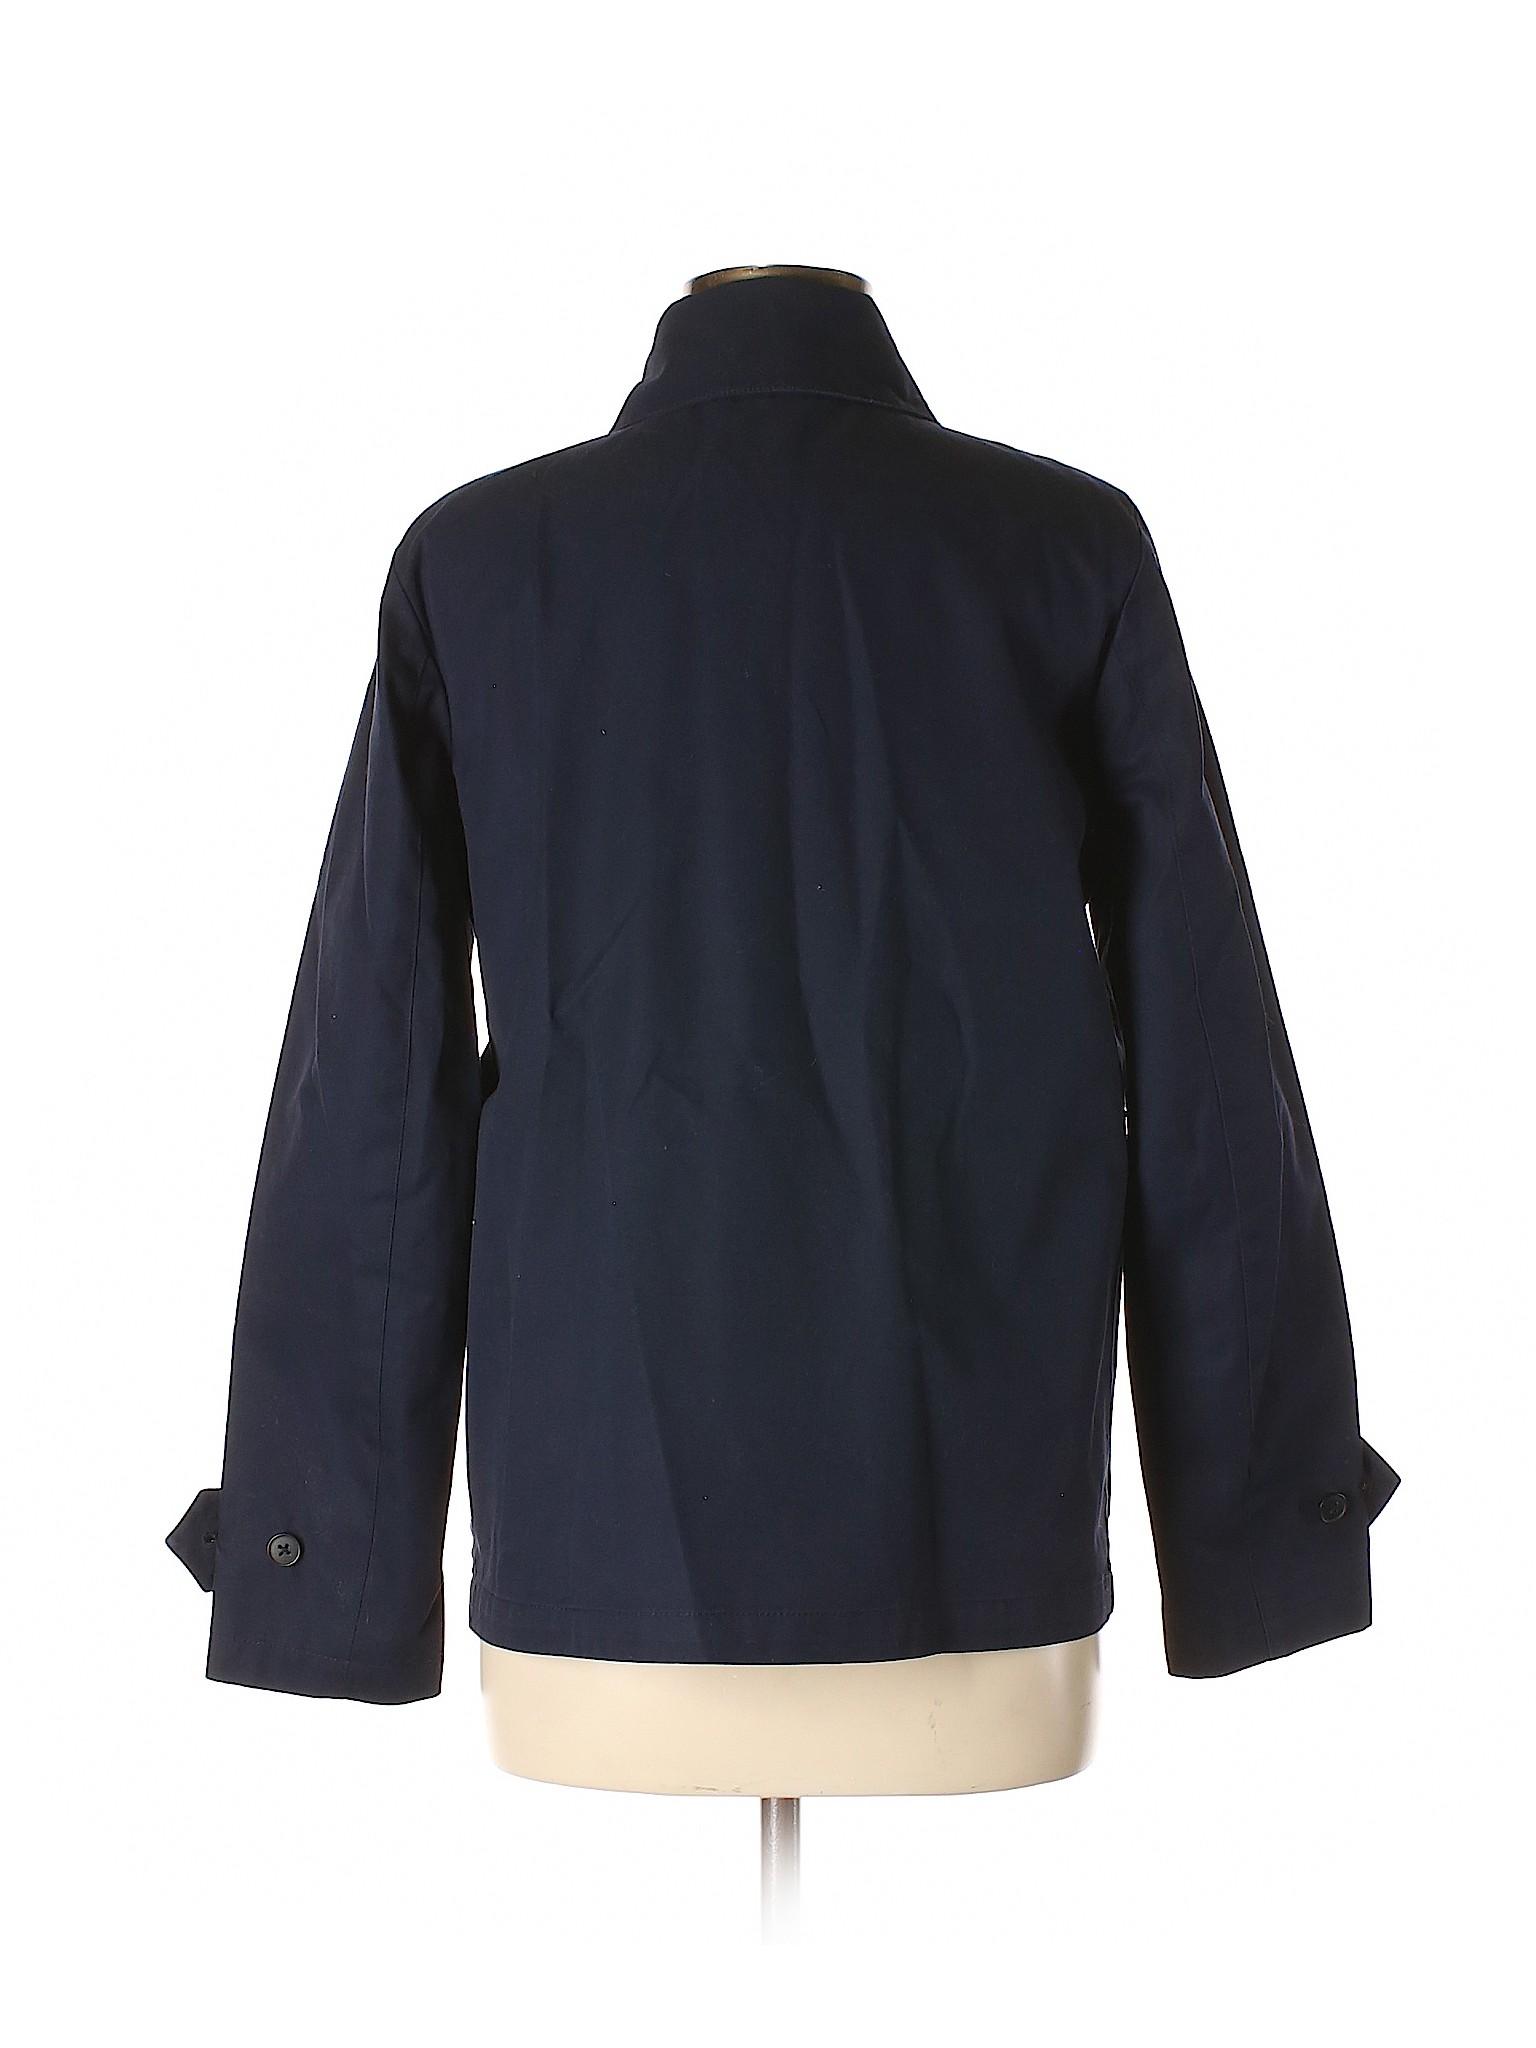 Leisure Leisure Gap Gap winter winter Jacket Jacket Leisure ZFqnE